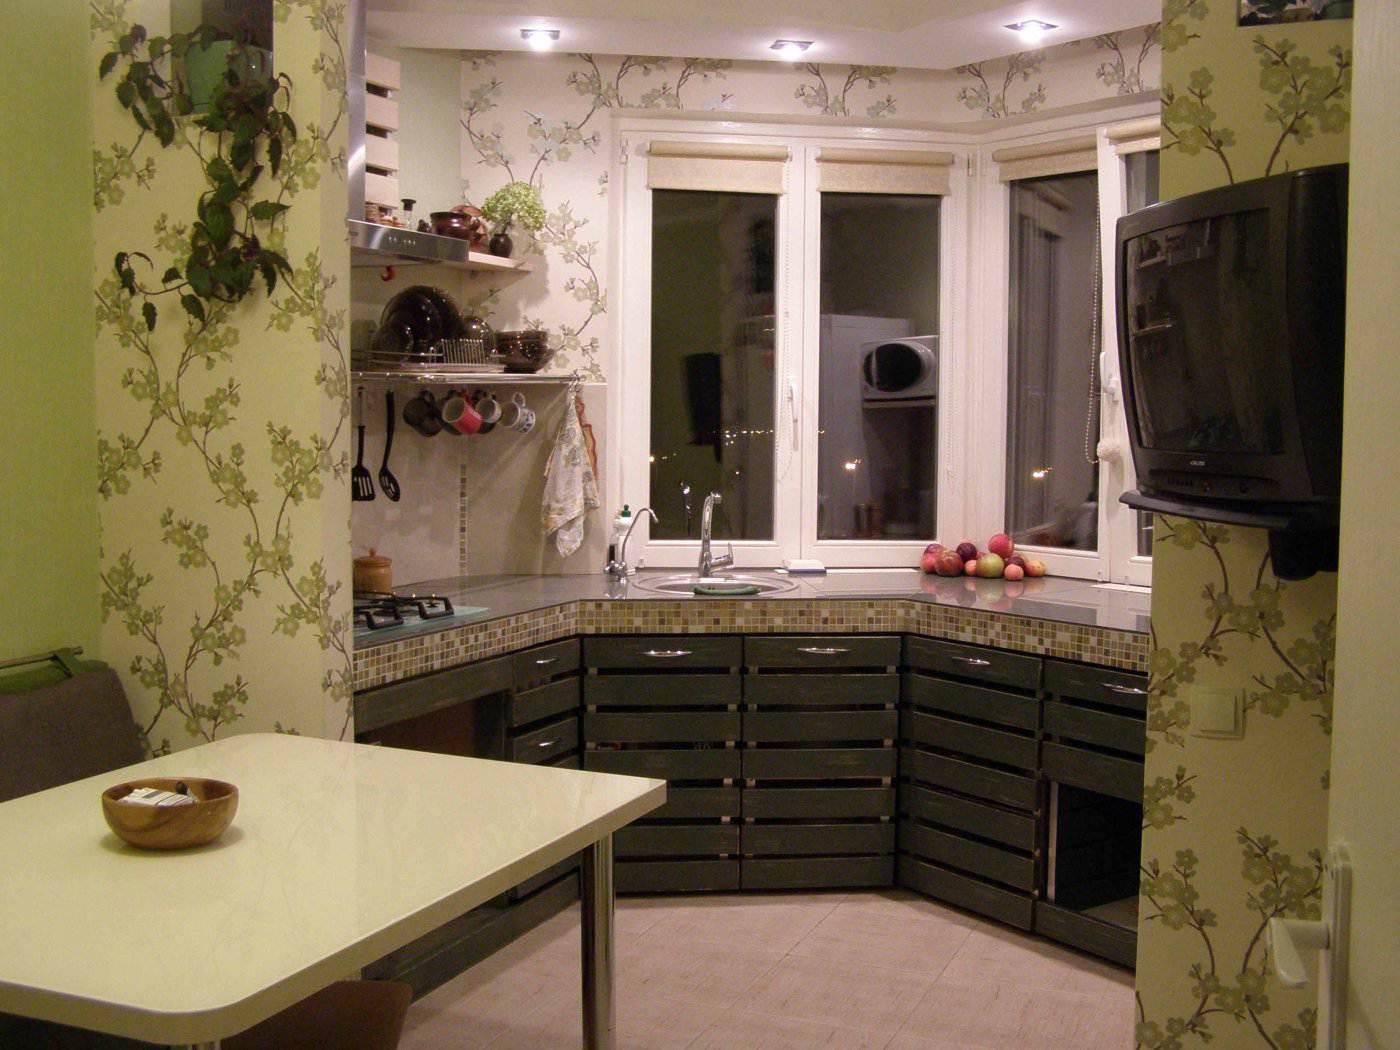 сша, ремонт кухни с эркером фото циничные коллеги-фотокорреспонденты считают